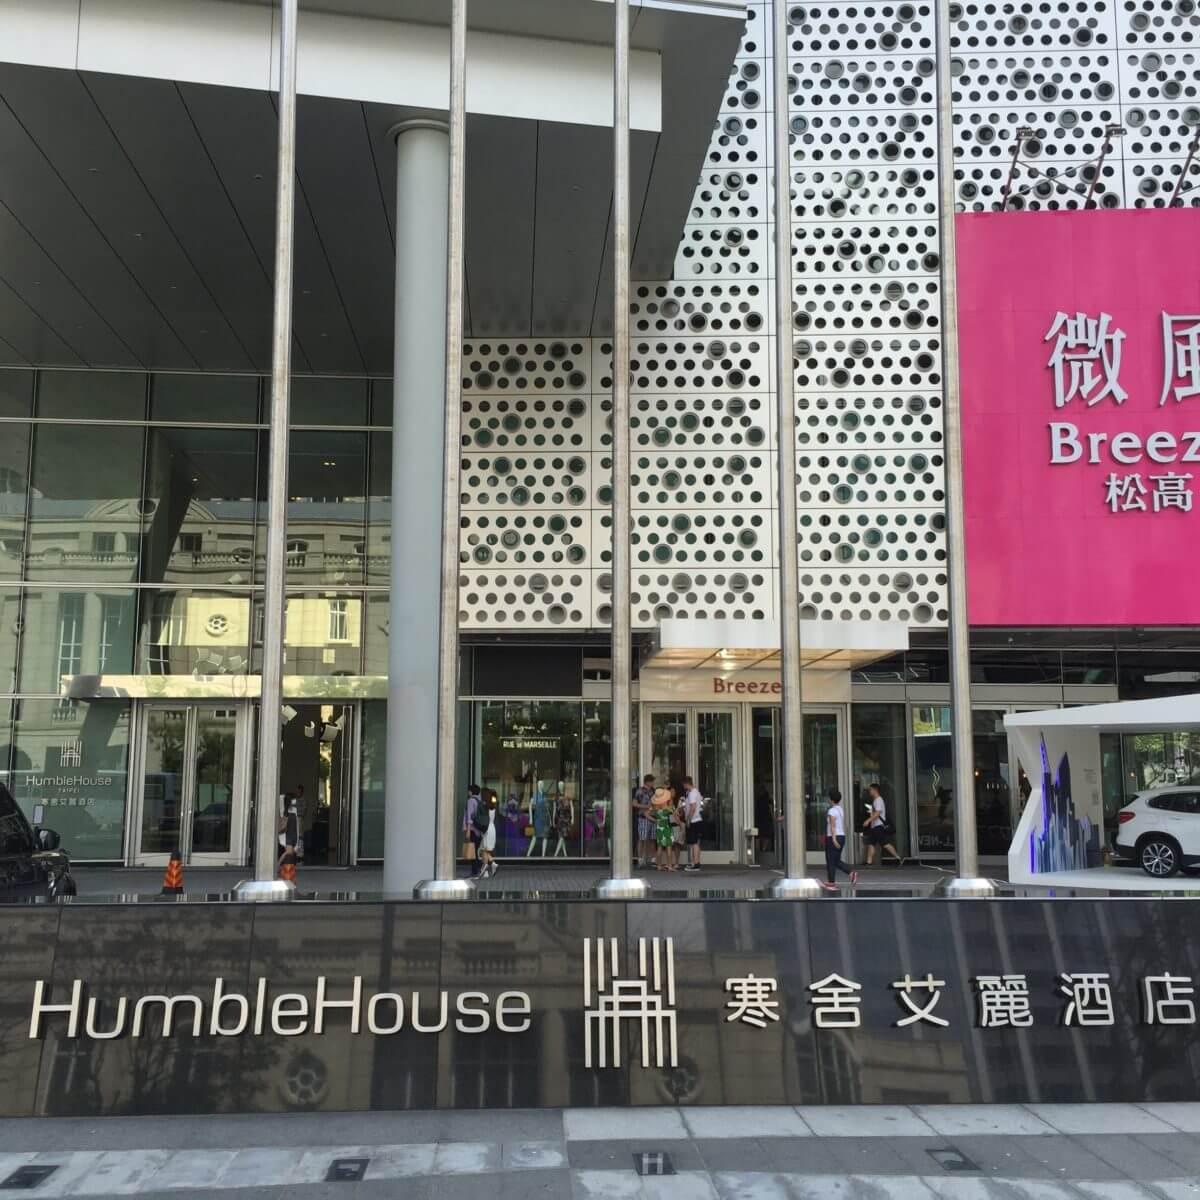 ハンブルハウス 台北 – 台北101が見える信義区のグッドホテル 〜四四南村までサイクリング!